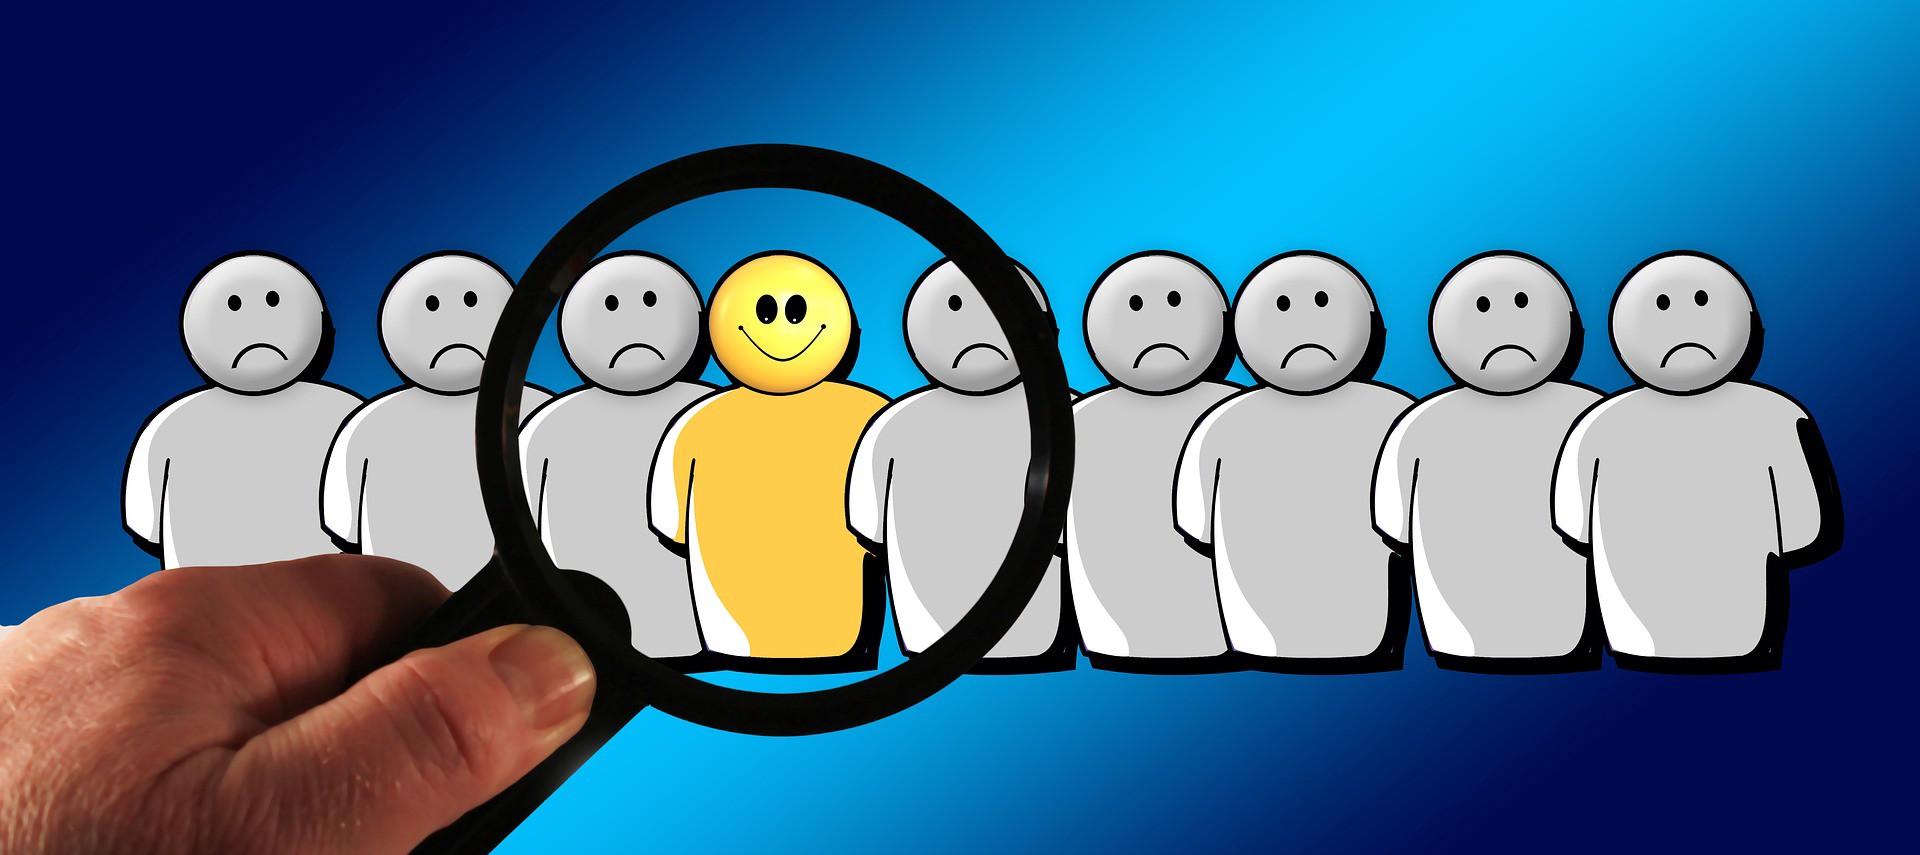 تاثیر اصالت رفتار در کسب وجهه و اعتبار